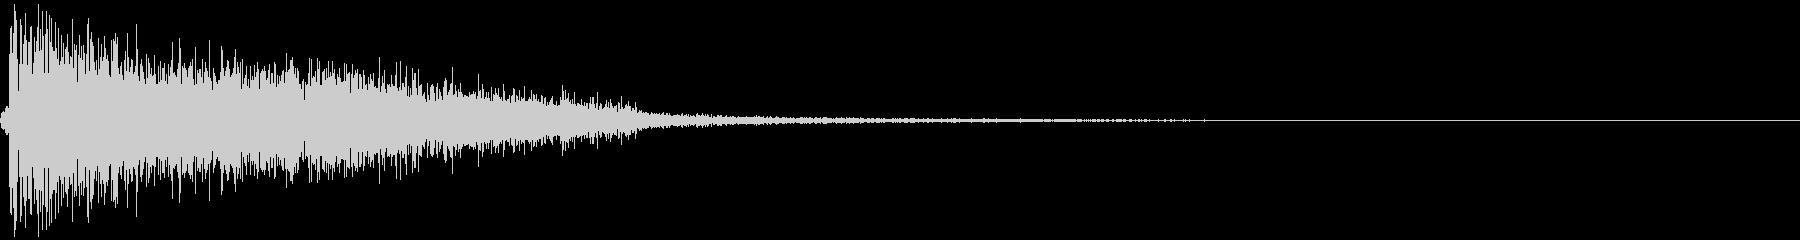 ブラスのヒット音の未再生の波形